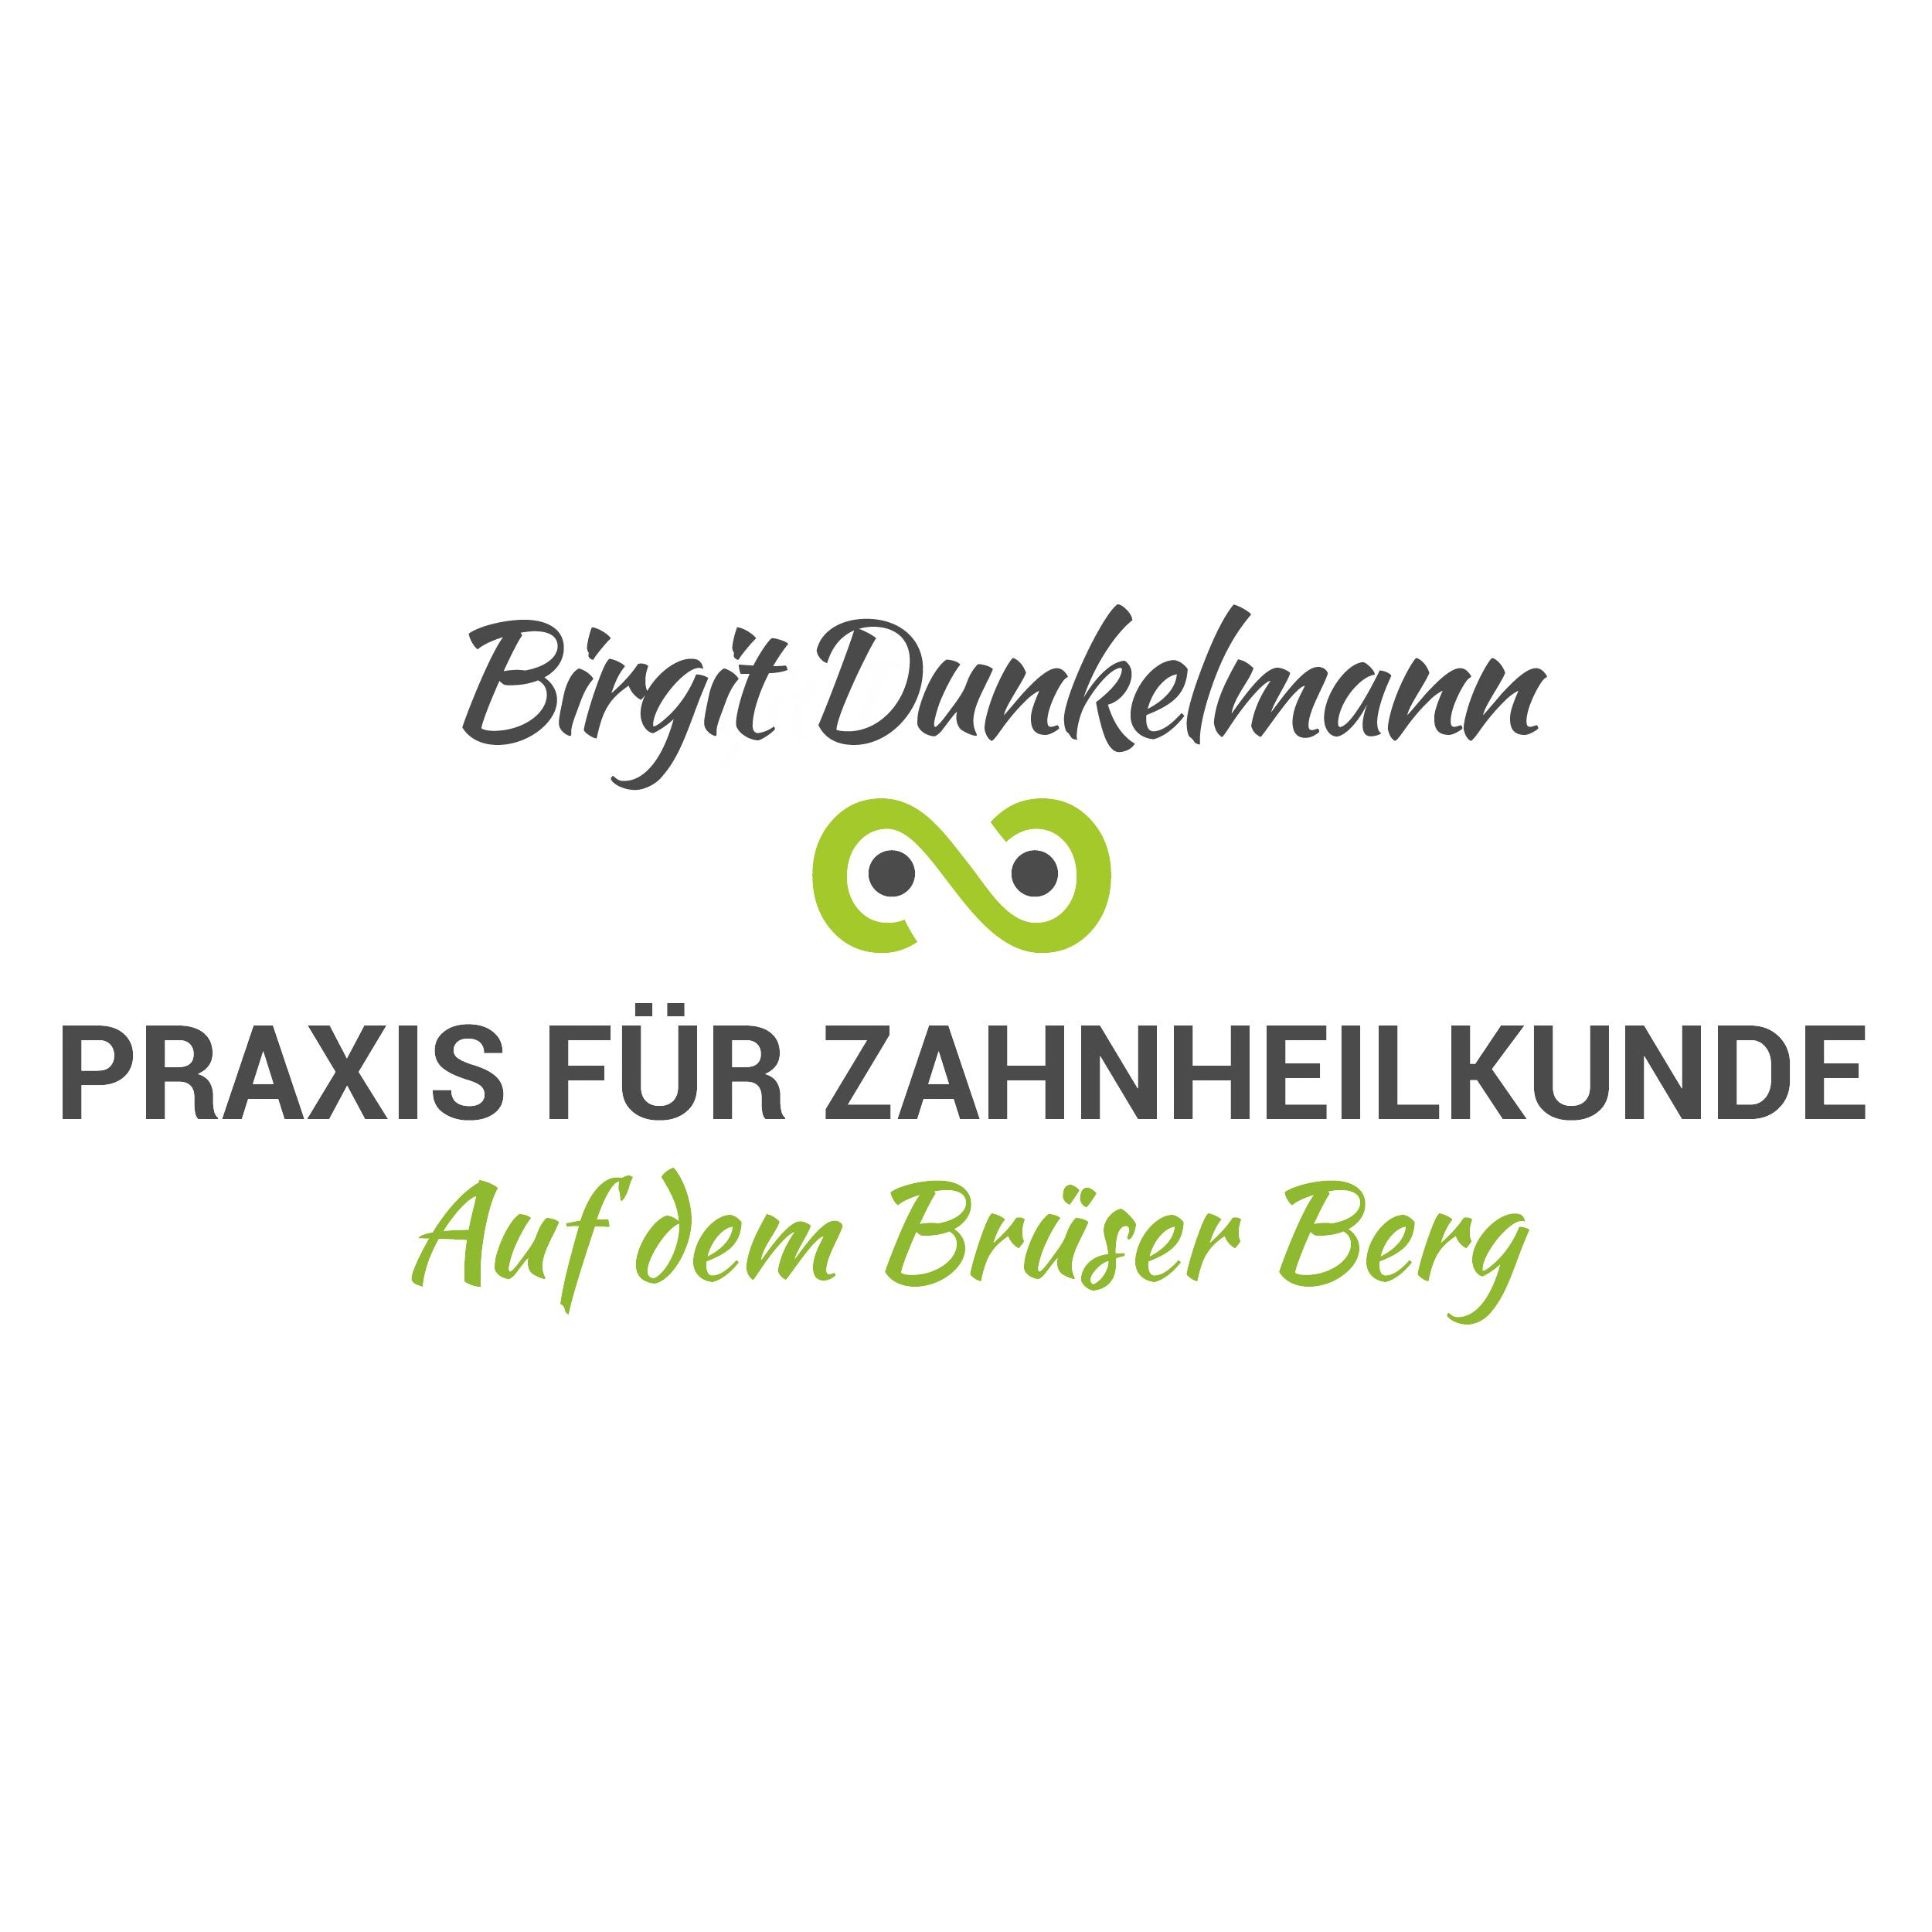 Bild zu Praxis für Zahnheilkunde Birgit Dunkelmann in Bonn